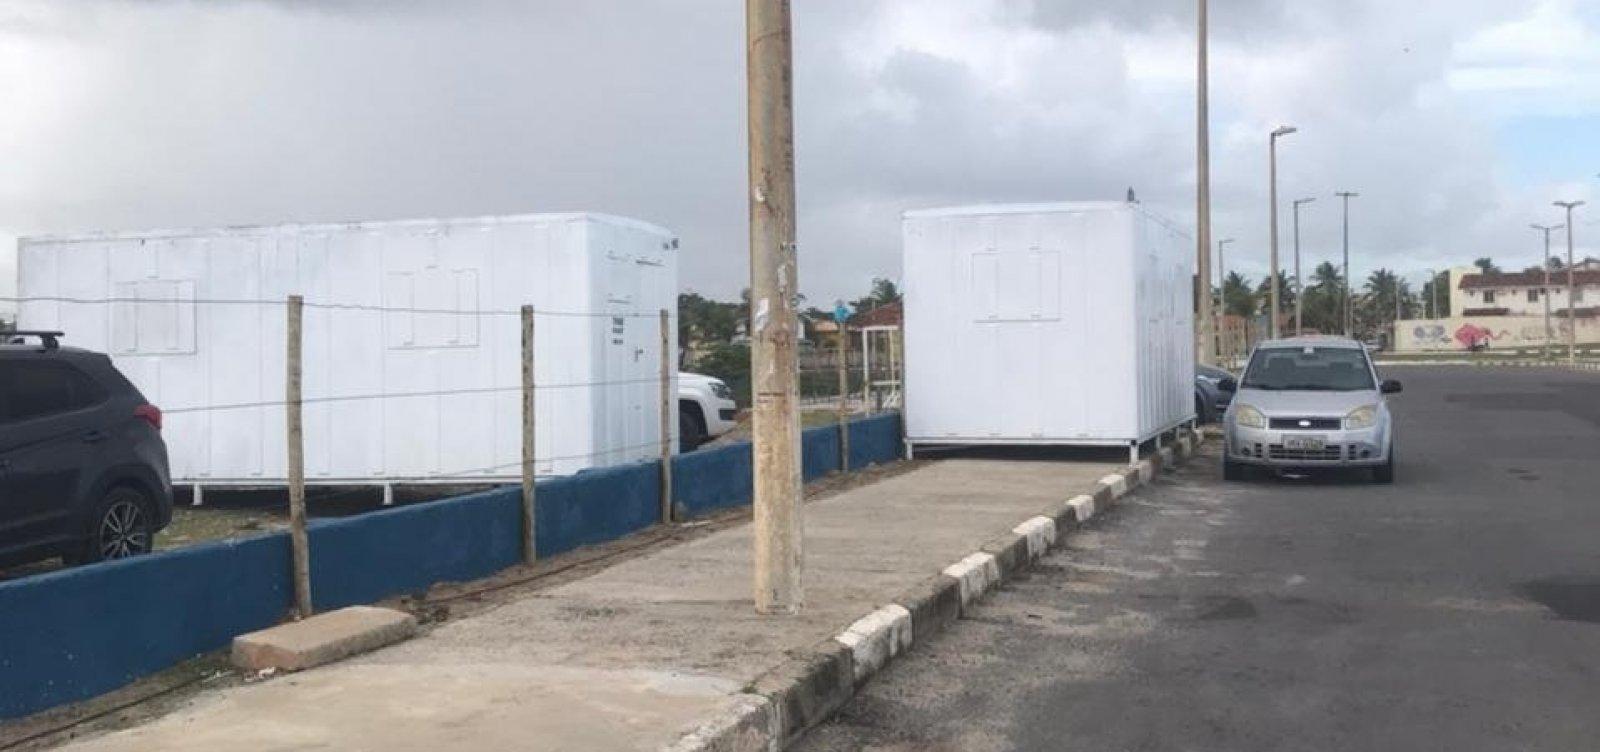 Associação de Kart denuncia prefeitura por invasão de terreno em Lauro de Freitas